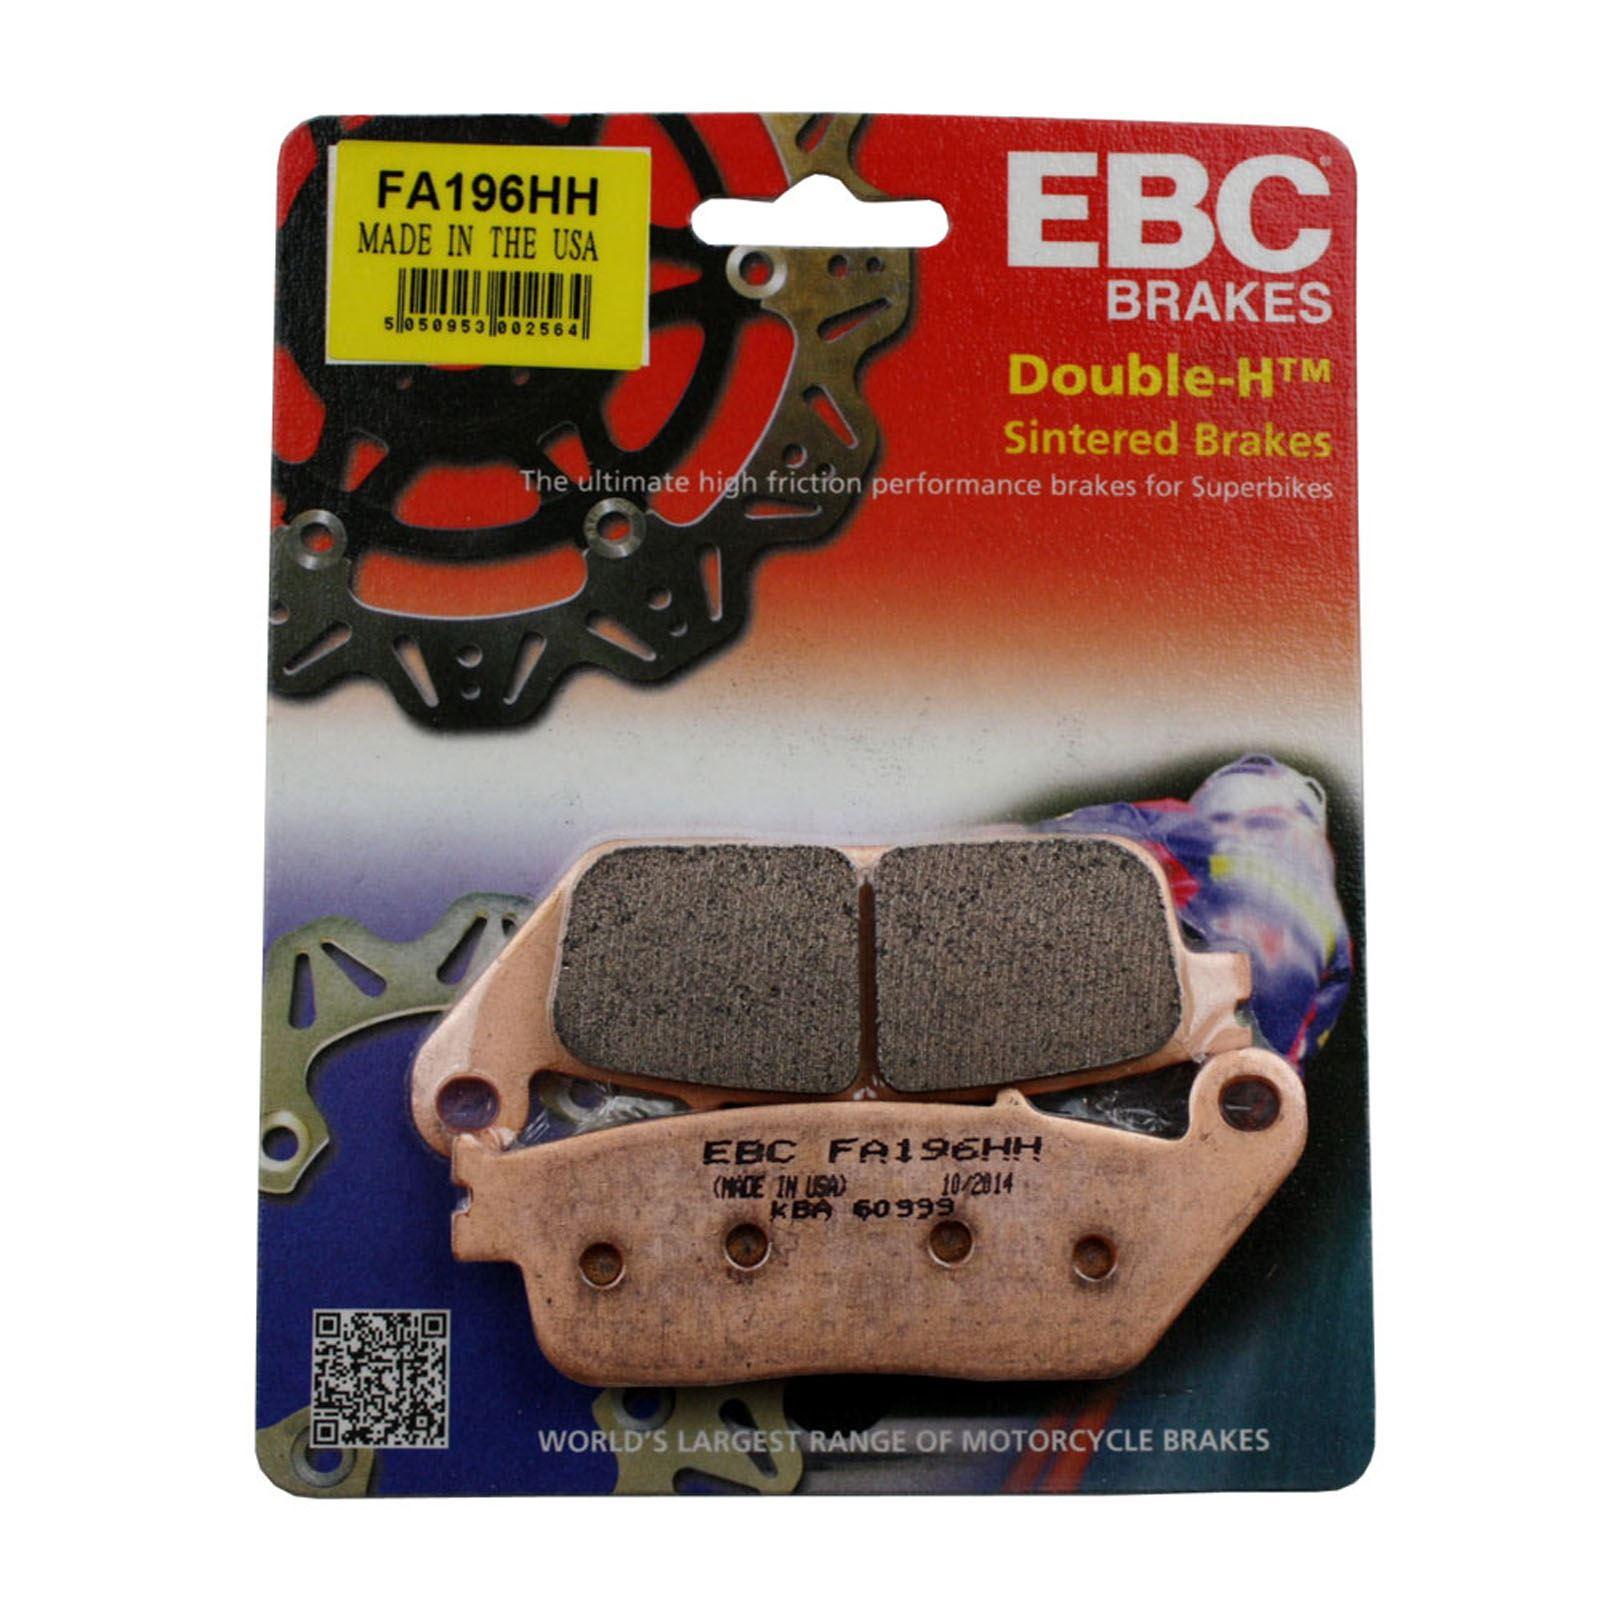 EBC Brakes FA193HH Sintered Copper Alloy Disc Brake Pad